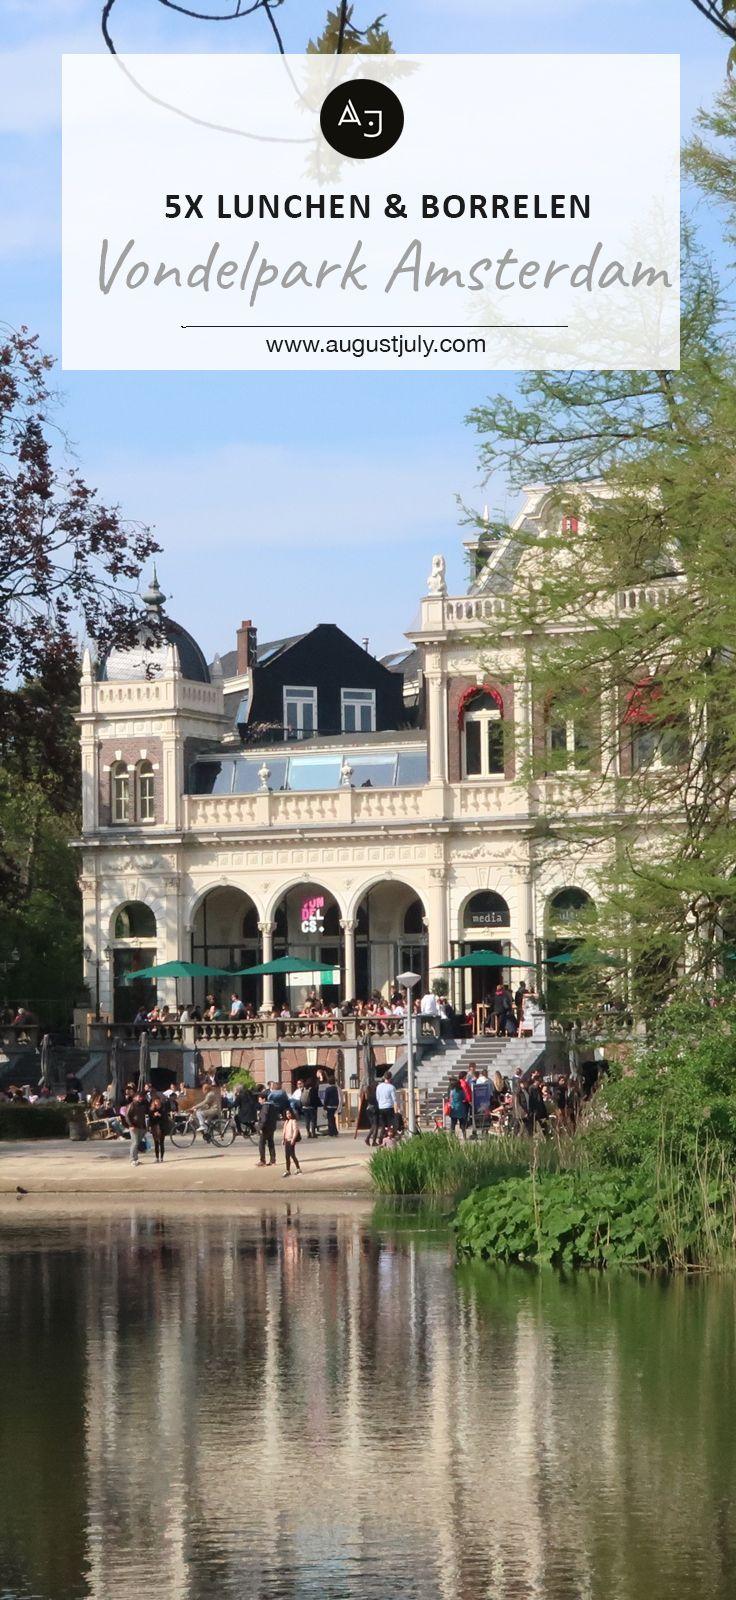 In het Vondelpark in Amsterdam kun je heerlijk lunchen en borrelen. Er zijn 5 plekken waar dat kan en er is zelfs een openluchttheater!